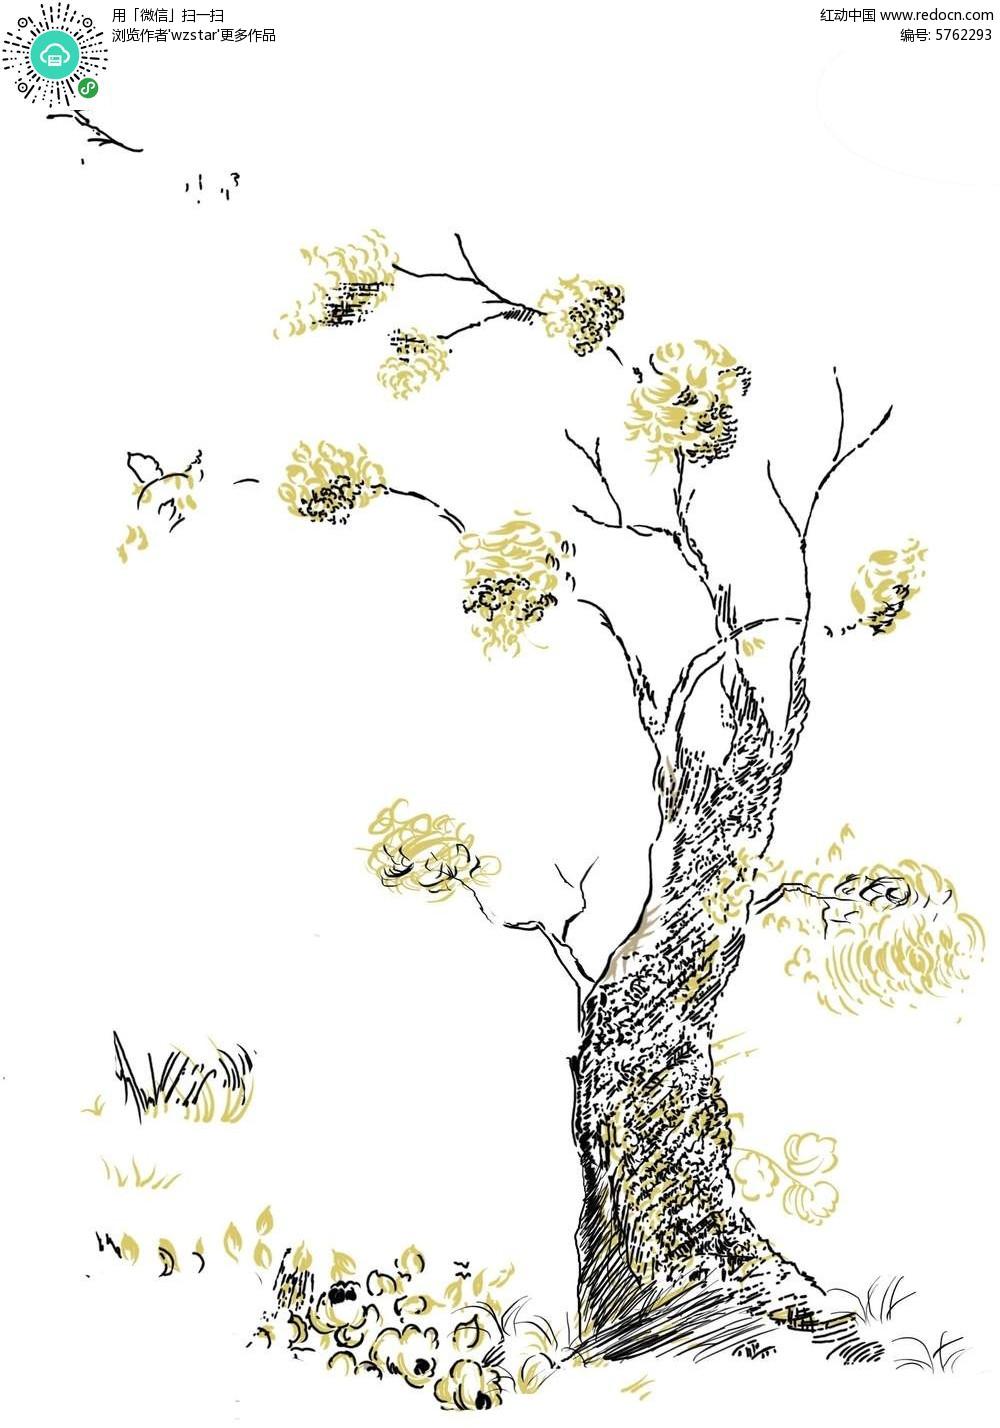 创意抽象的 树木彩绘 背景素材 其他 红动手机